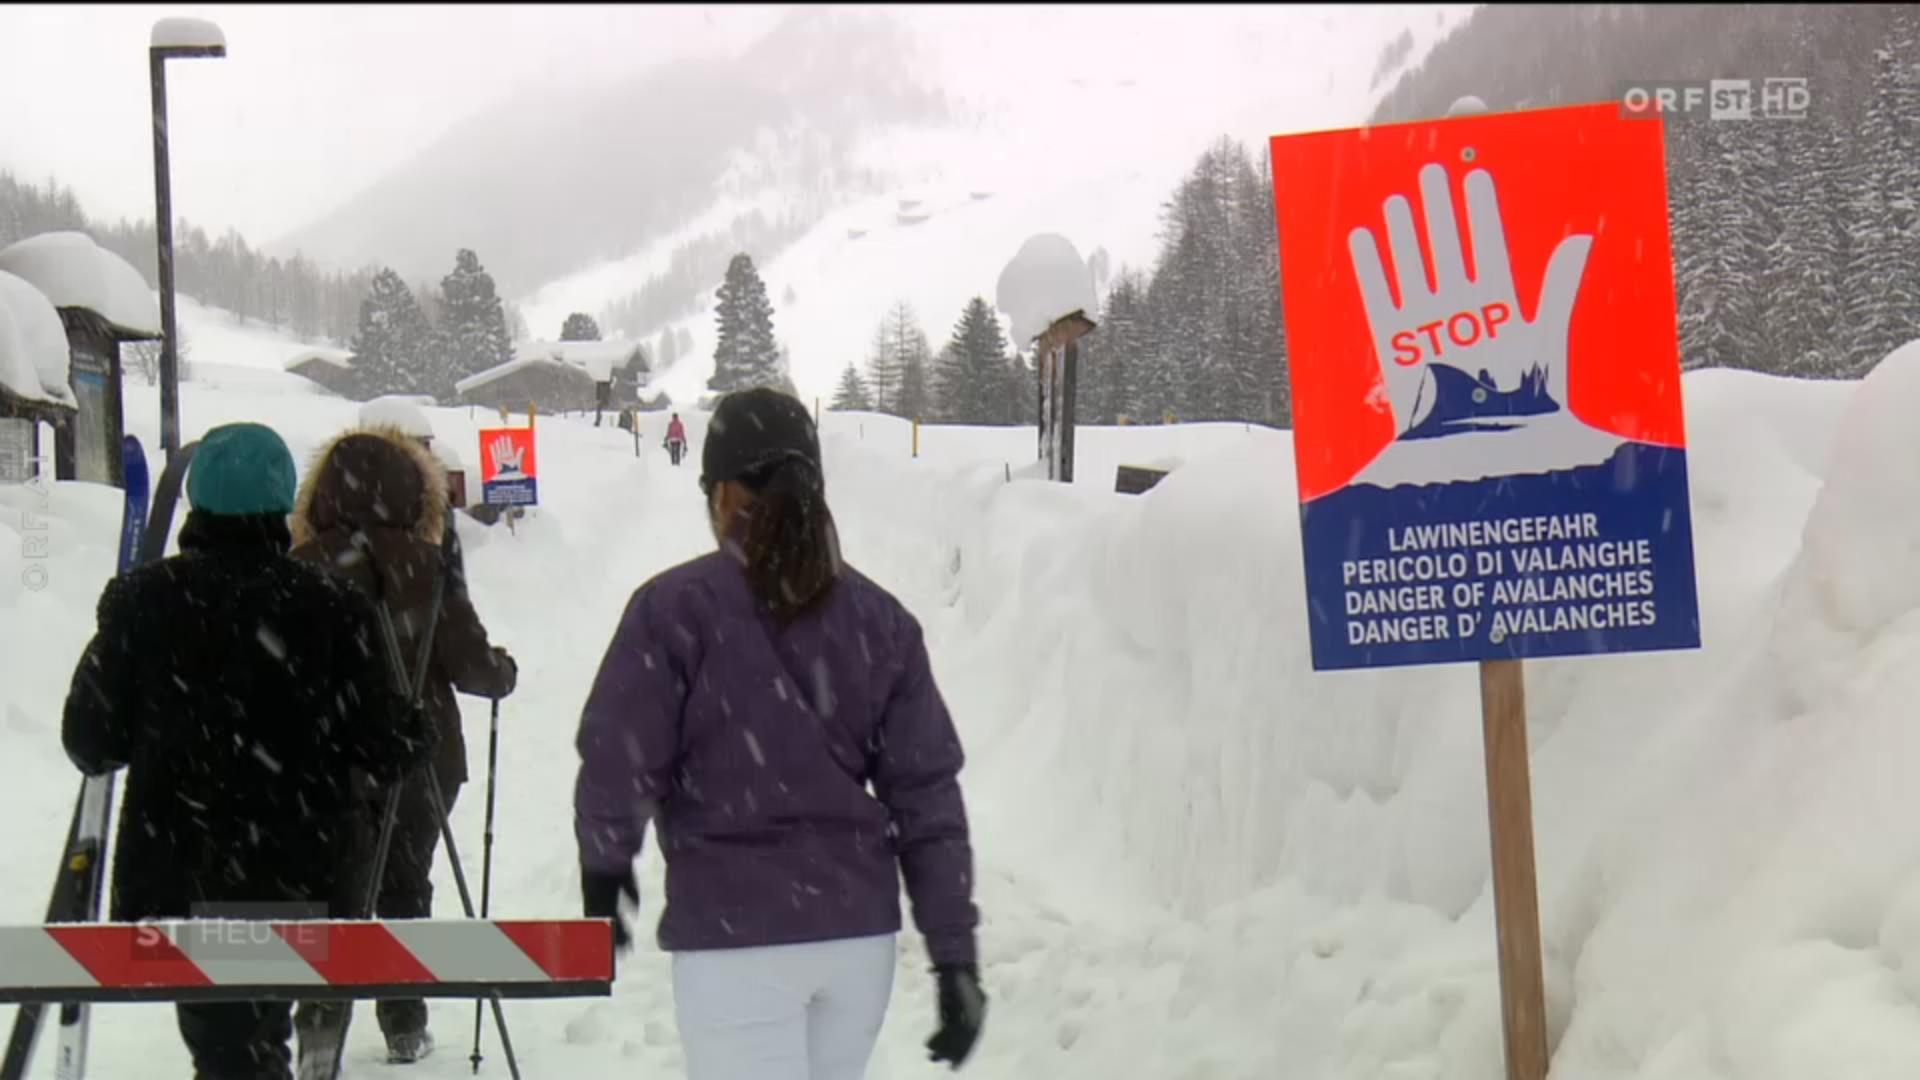 Ahrntal, Dél-Tirol. Ők nem értik a táblát. Forrás: Orf screenshot